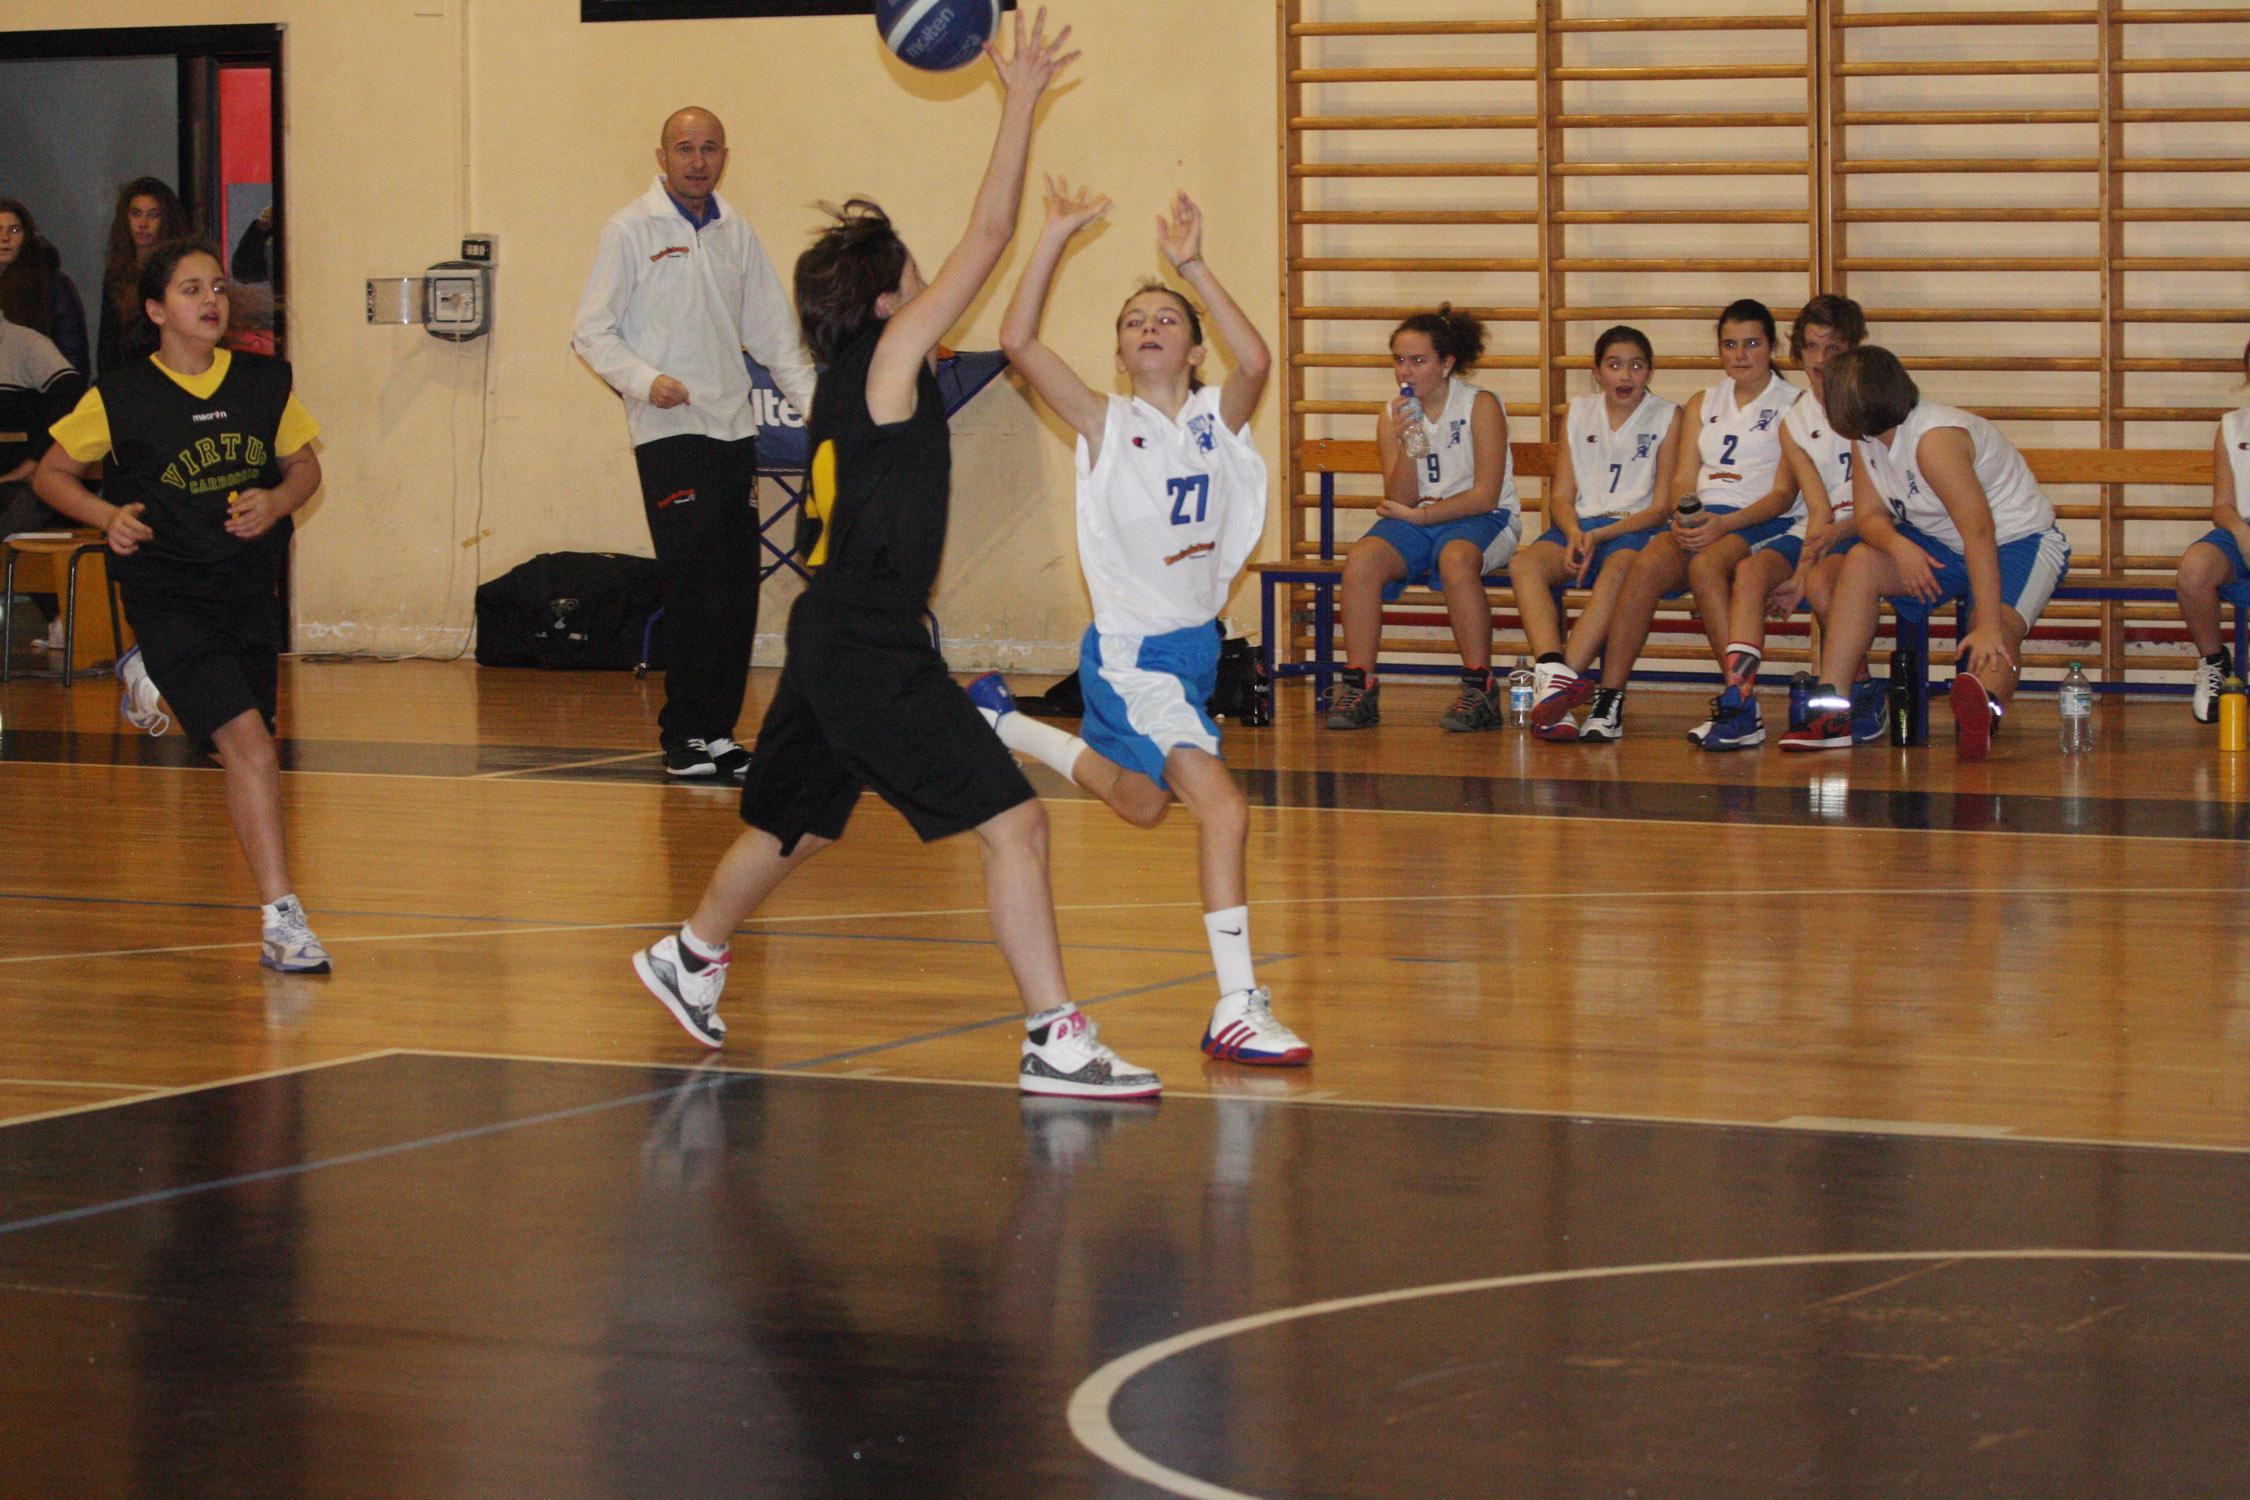 U13 - Baskettiamo Vittuone vs Carroccio Legnano 00028.jpg